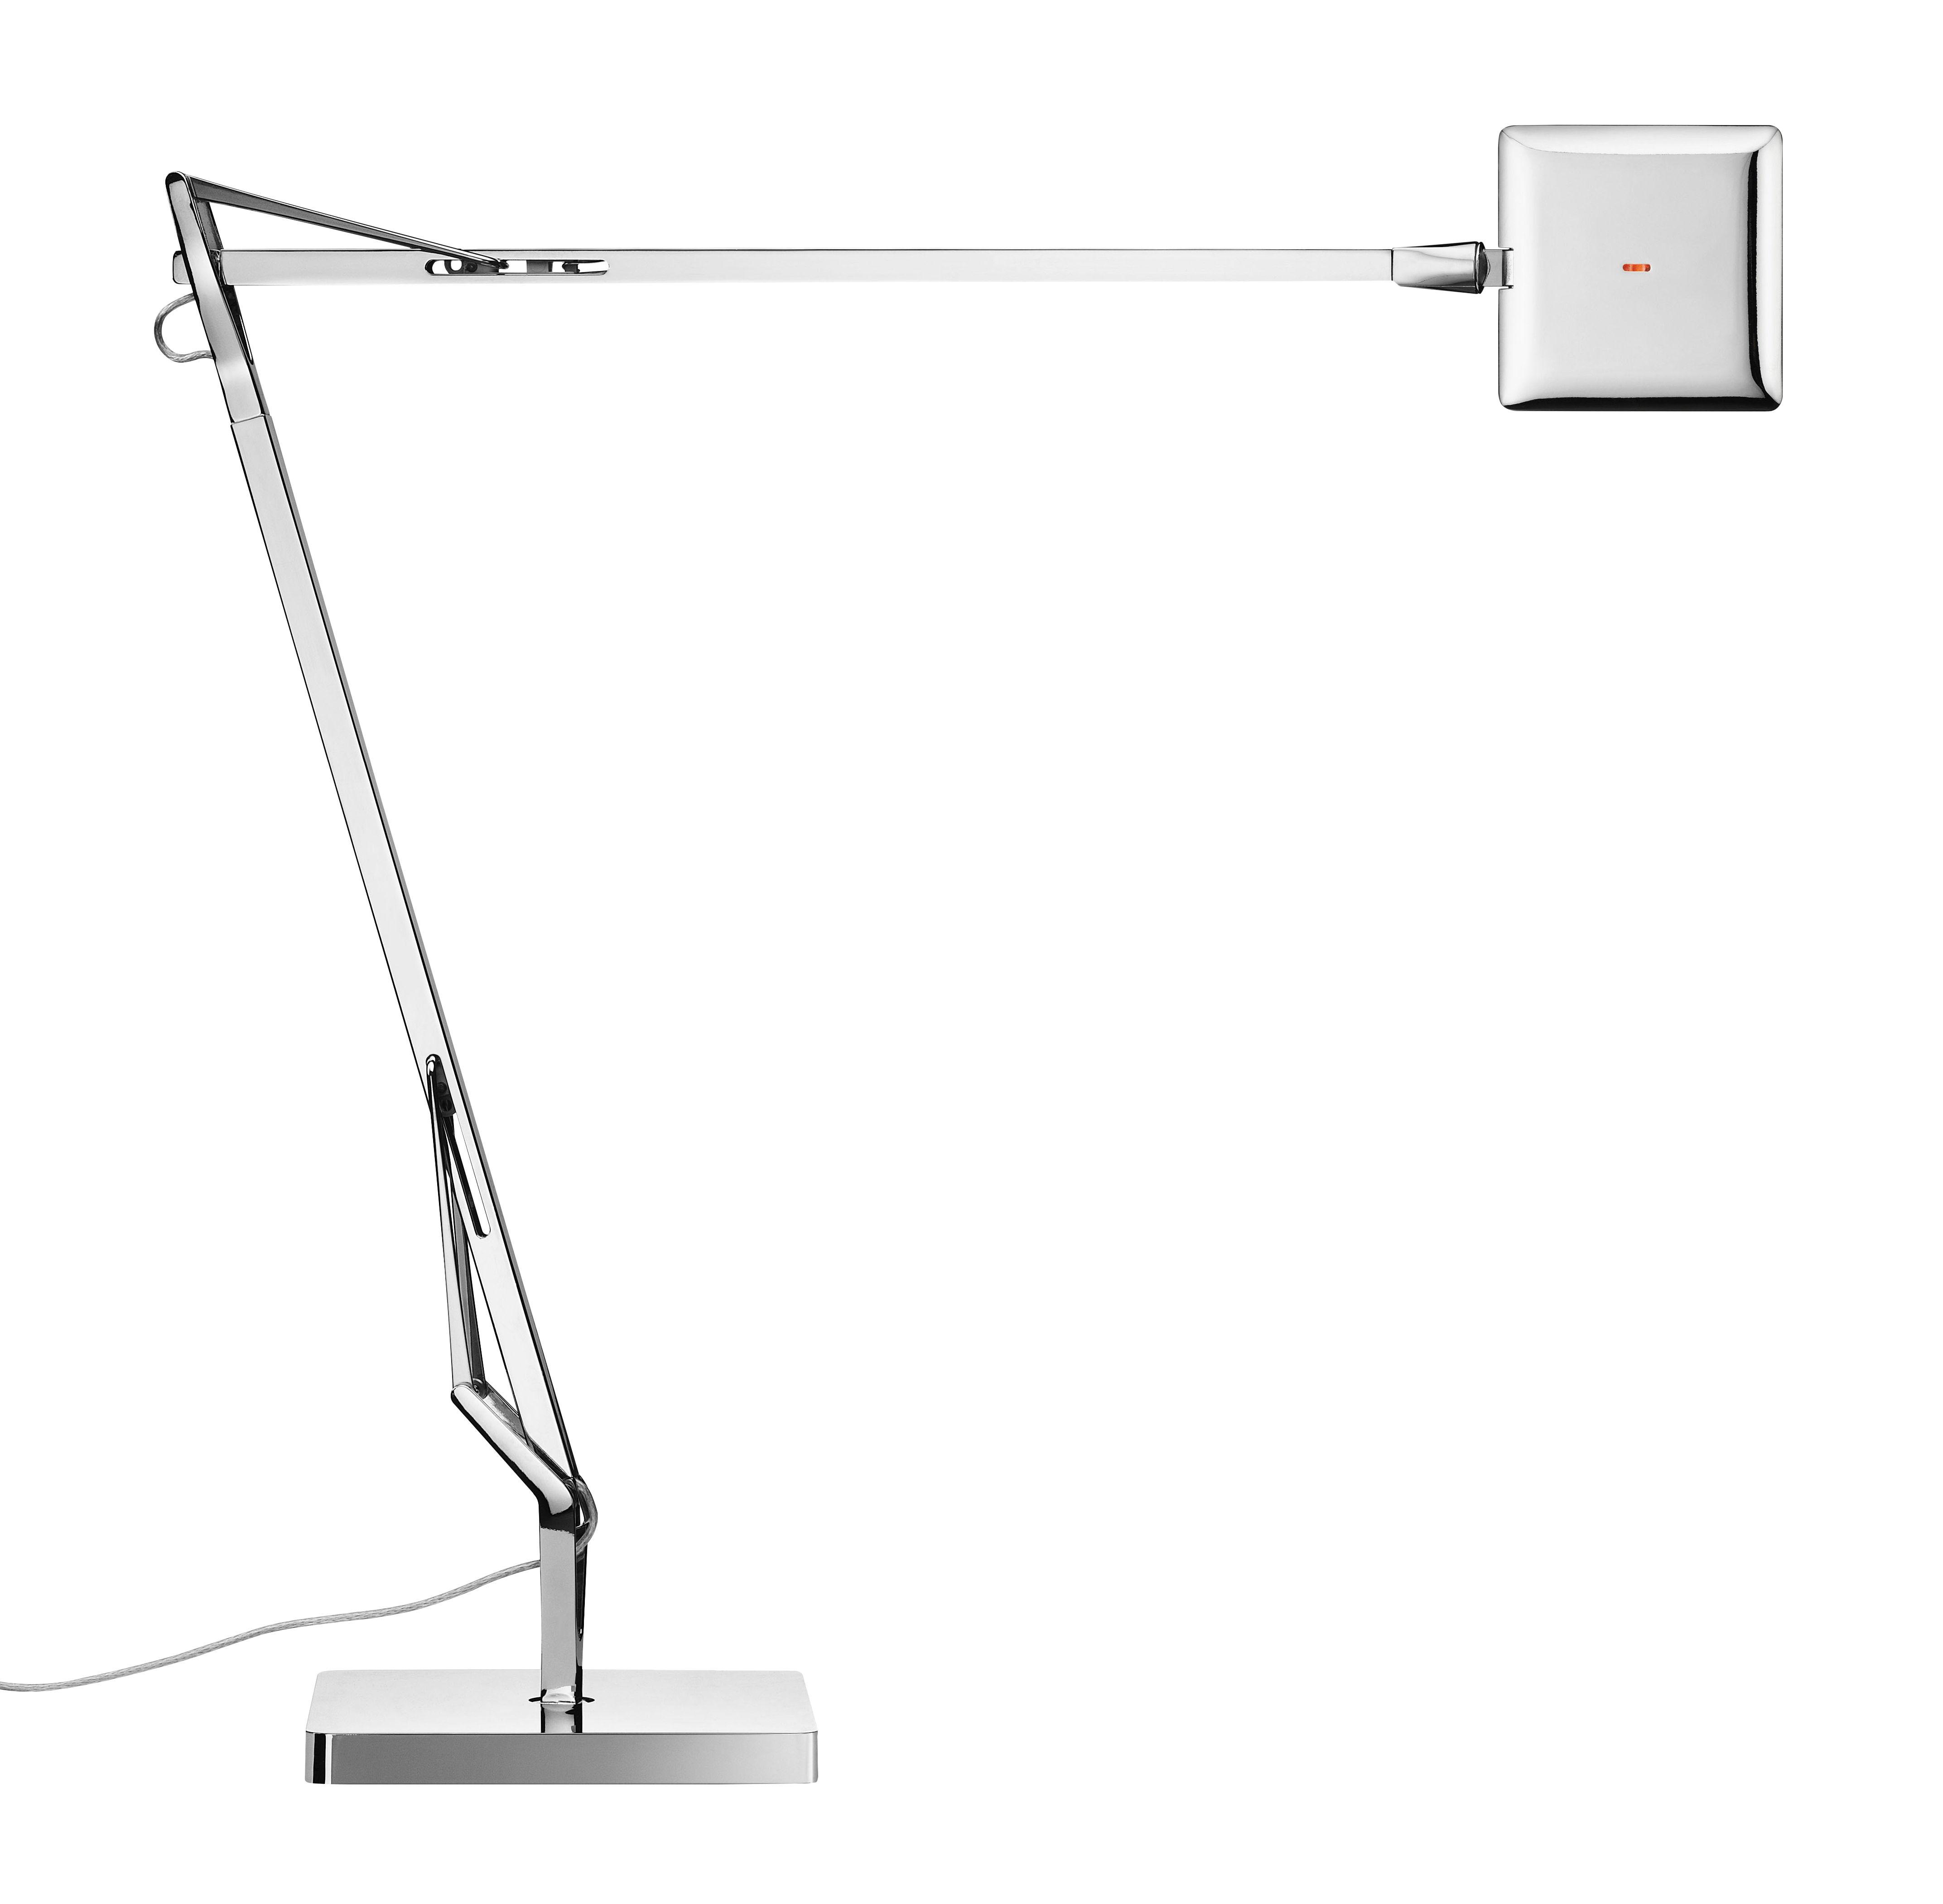 Luminaire - Lampes de table - Lampe de table Kelvin Edge / LED - Flos - Chromé - Aluminium